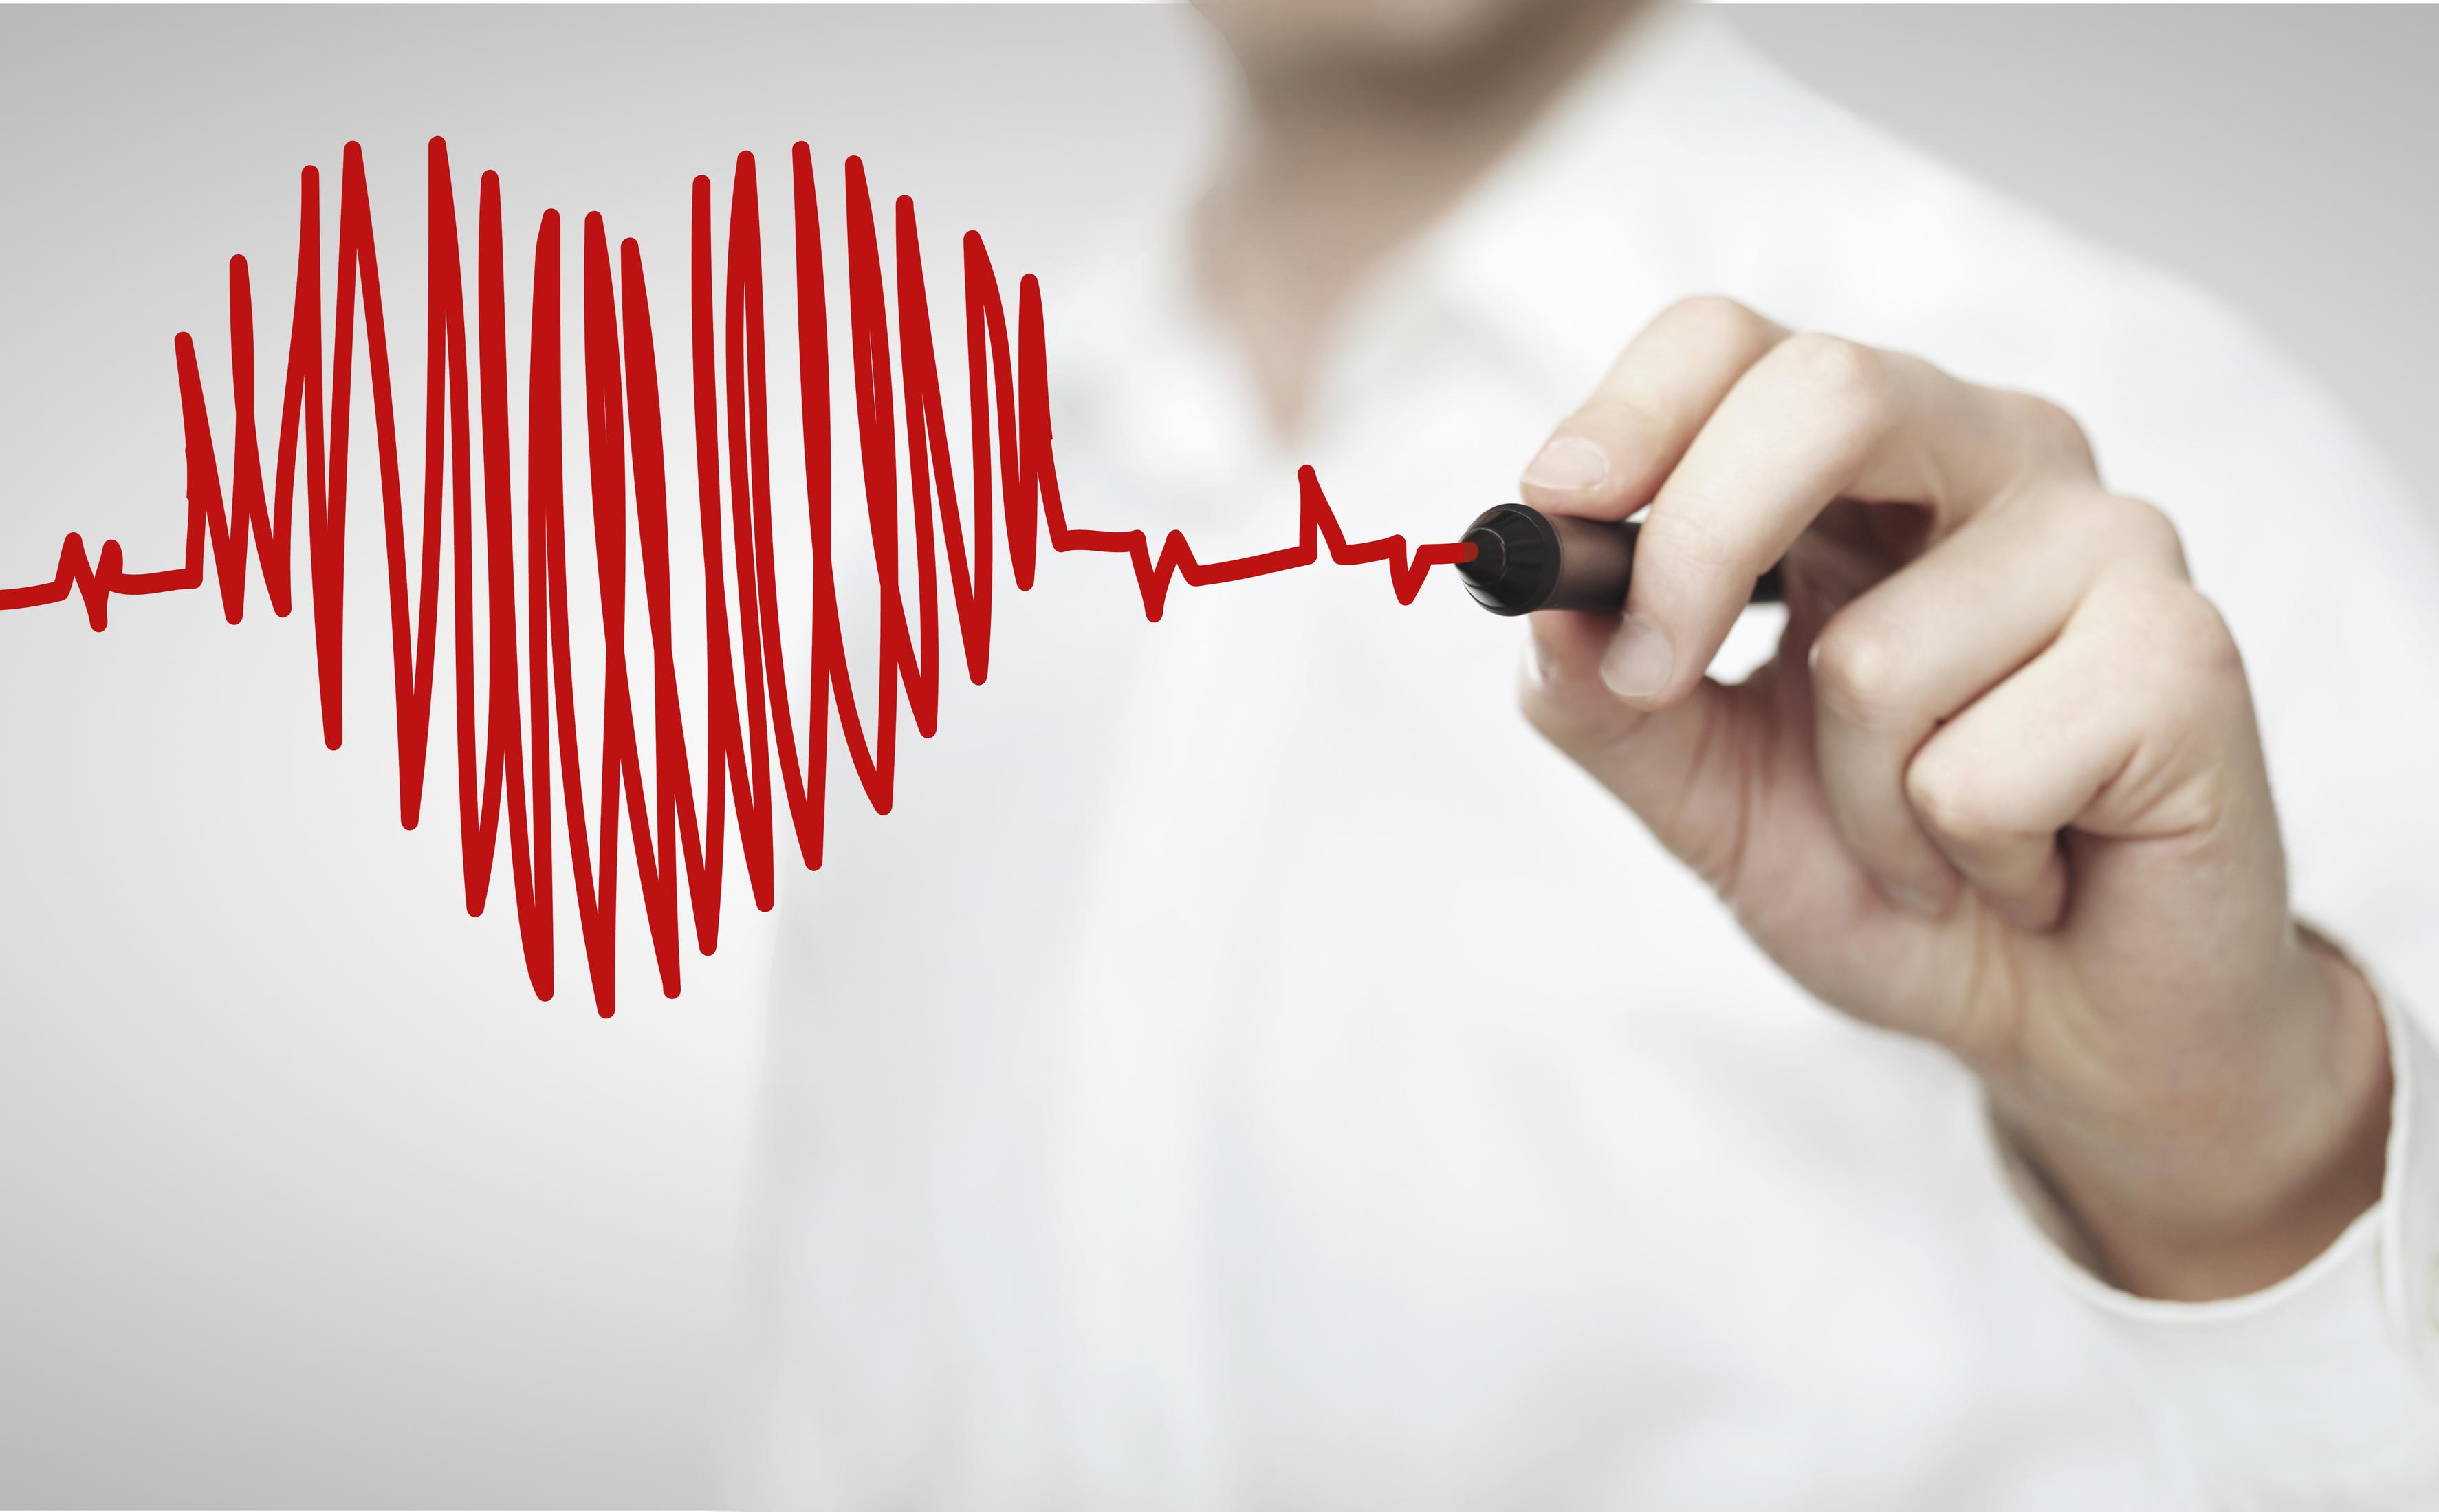 Klinikum In Den Pfeifferschen Stiftungen Herz